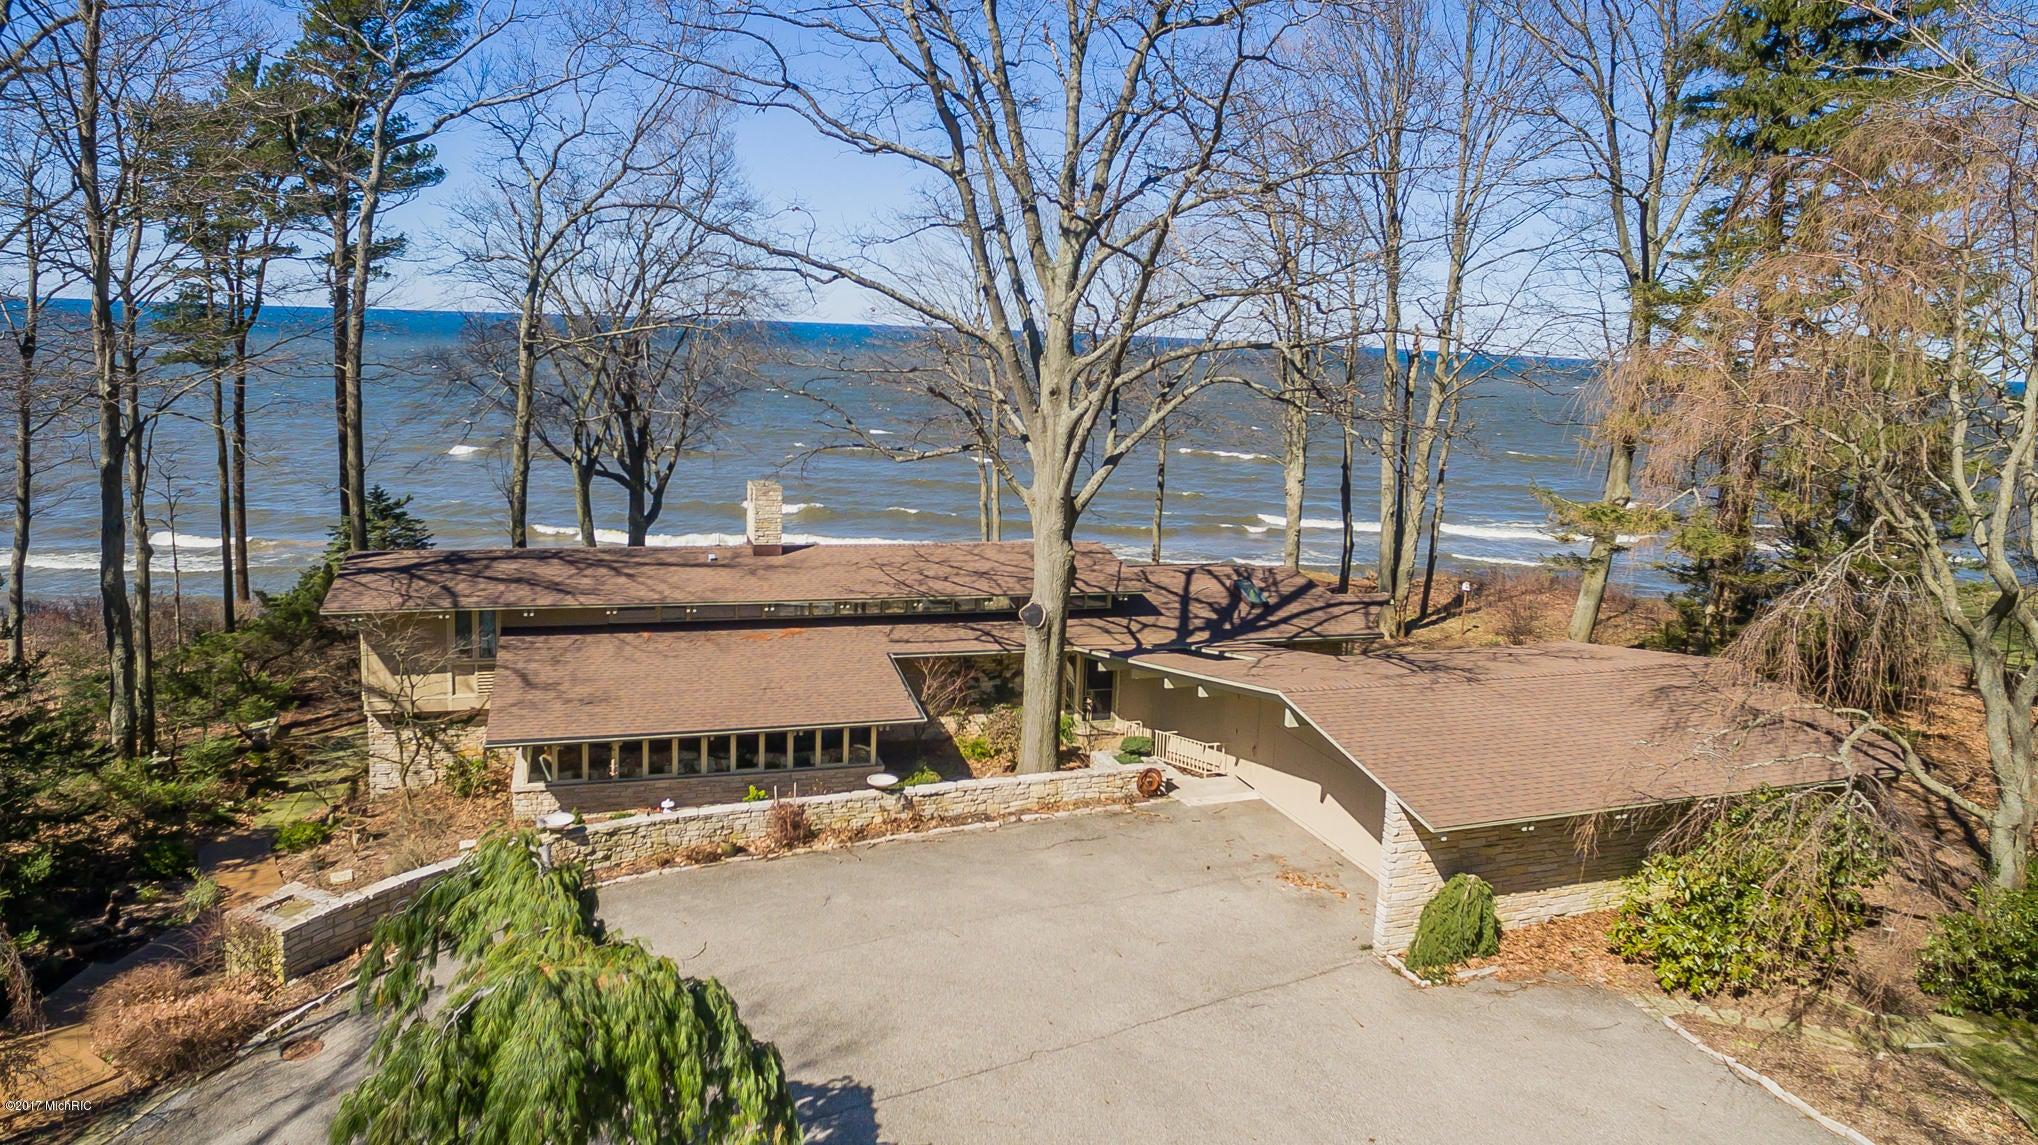 独户住宅 为 销售 在 9999 Lakeshore 9999 Lakeshore 西奥利弗, 密歇根州 49460 美国